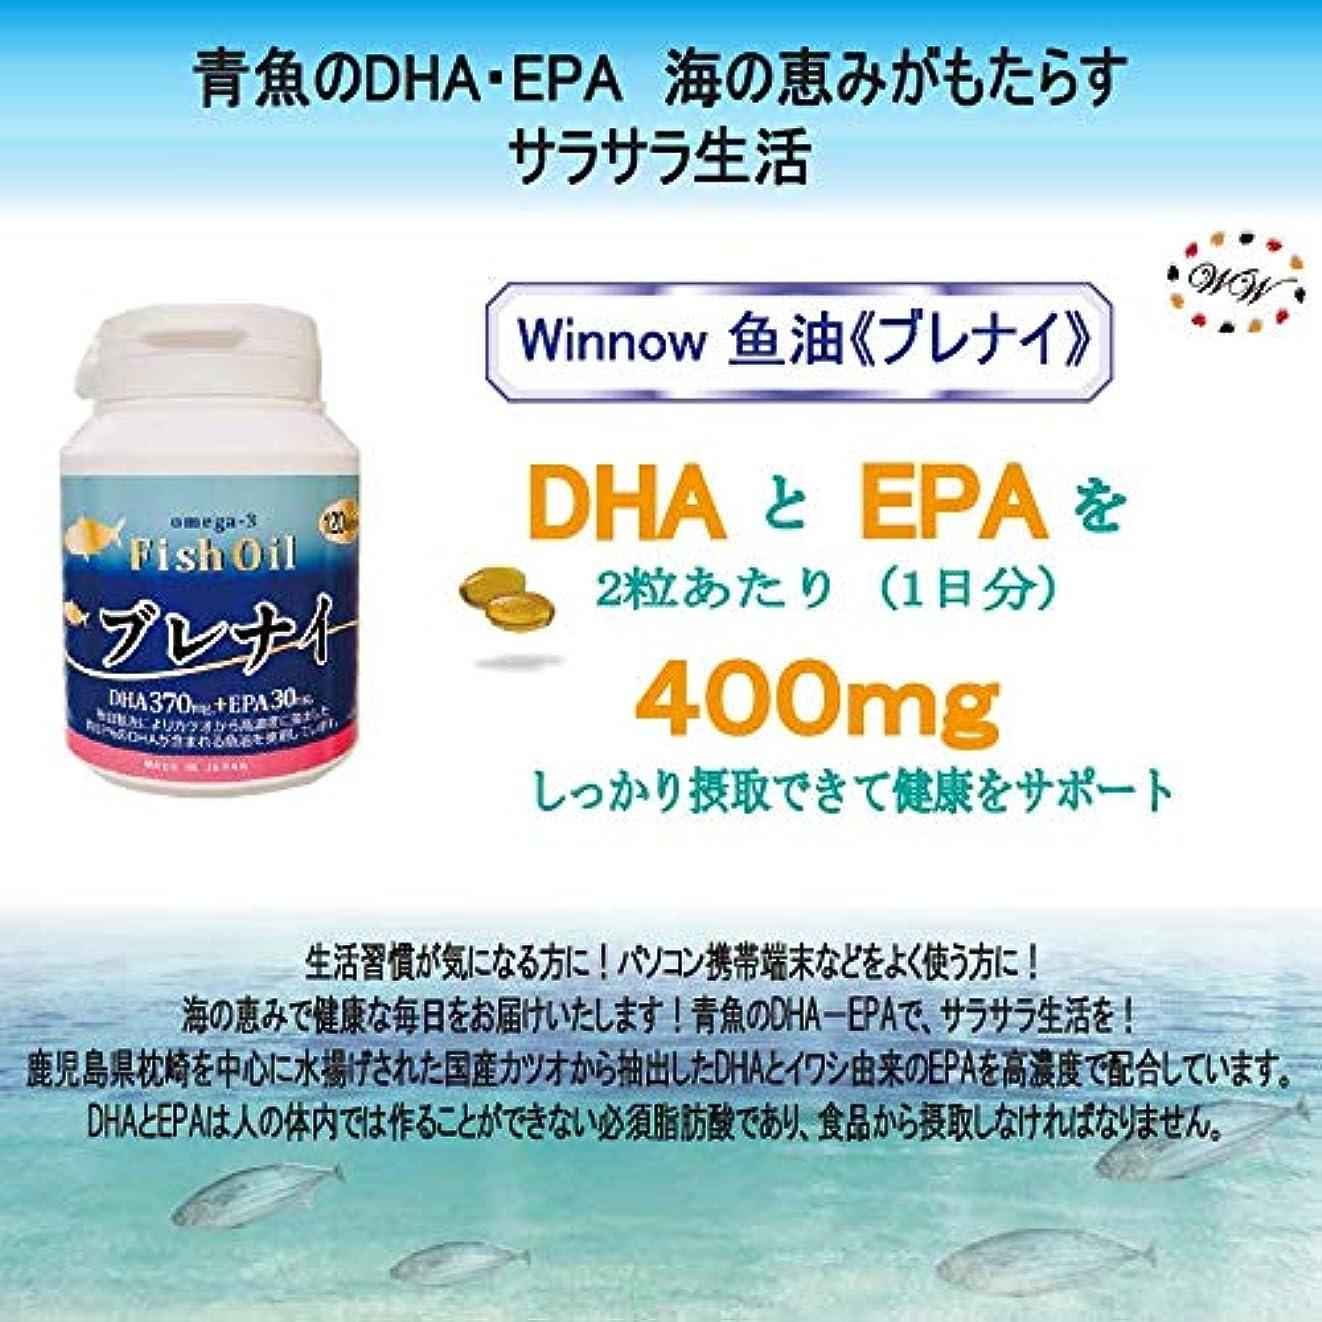 引数日帰り旅行に伝記Winnow魚油<ブレナイ> オメガ3脂肪酸 Omega3 Fish oil 日本産高濃度DHA、EPA / 120粒入り